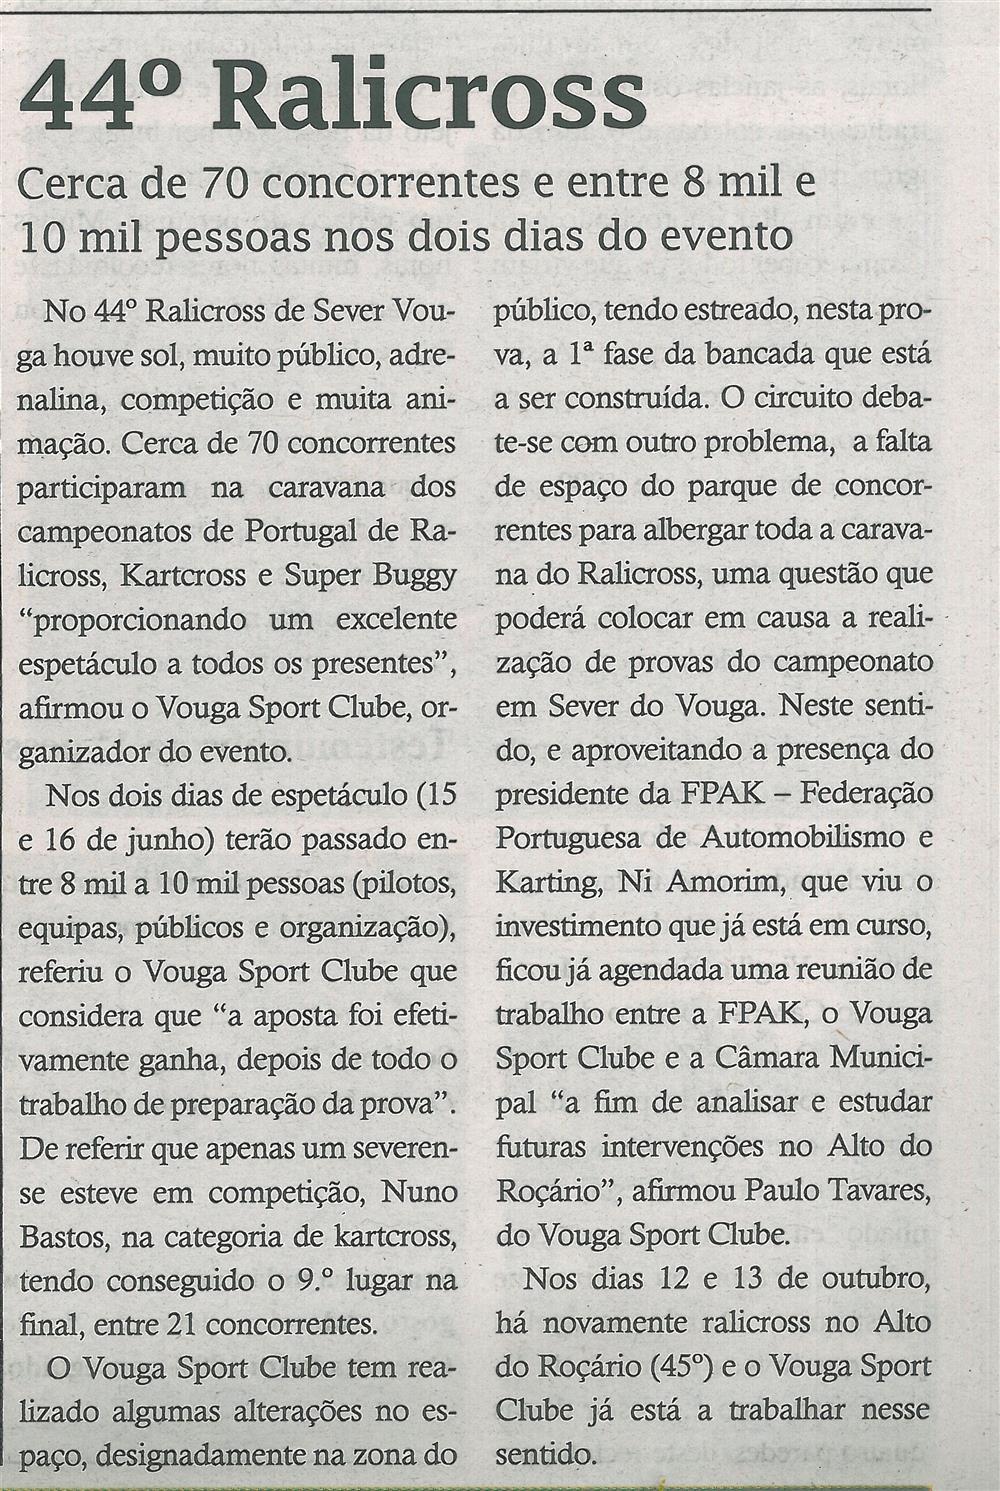 TV-jul.'19-p.9-44.º Ralicross.jpg